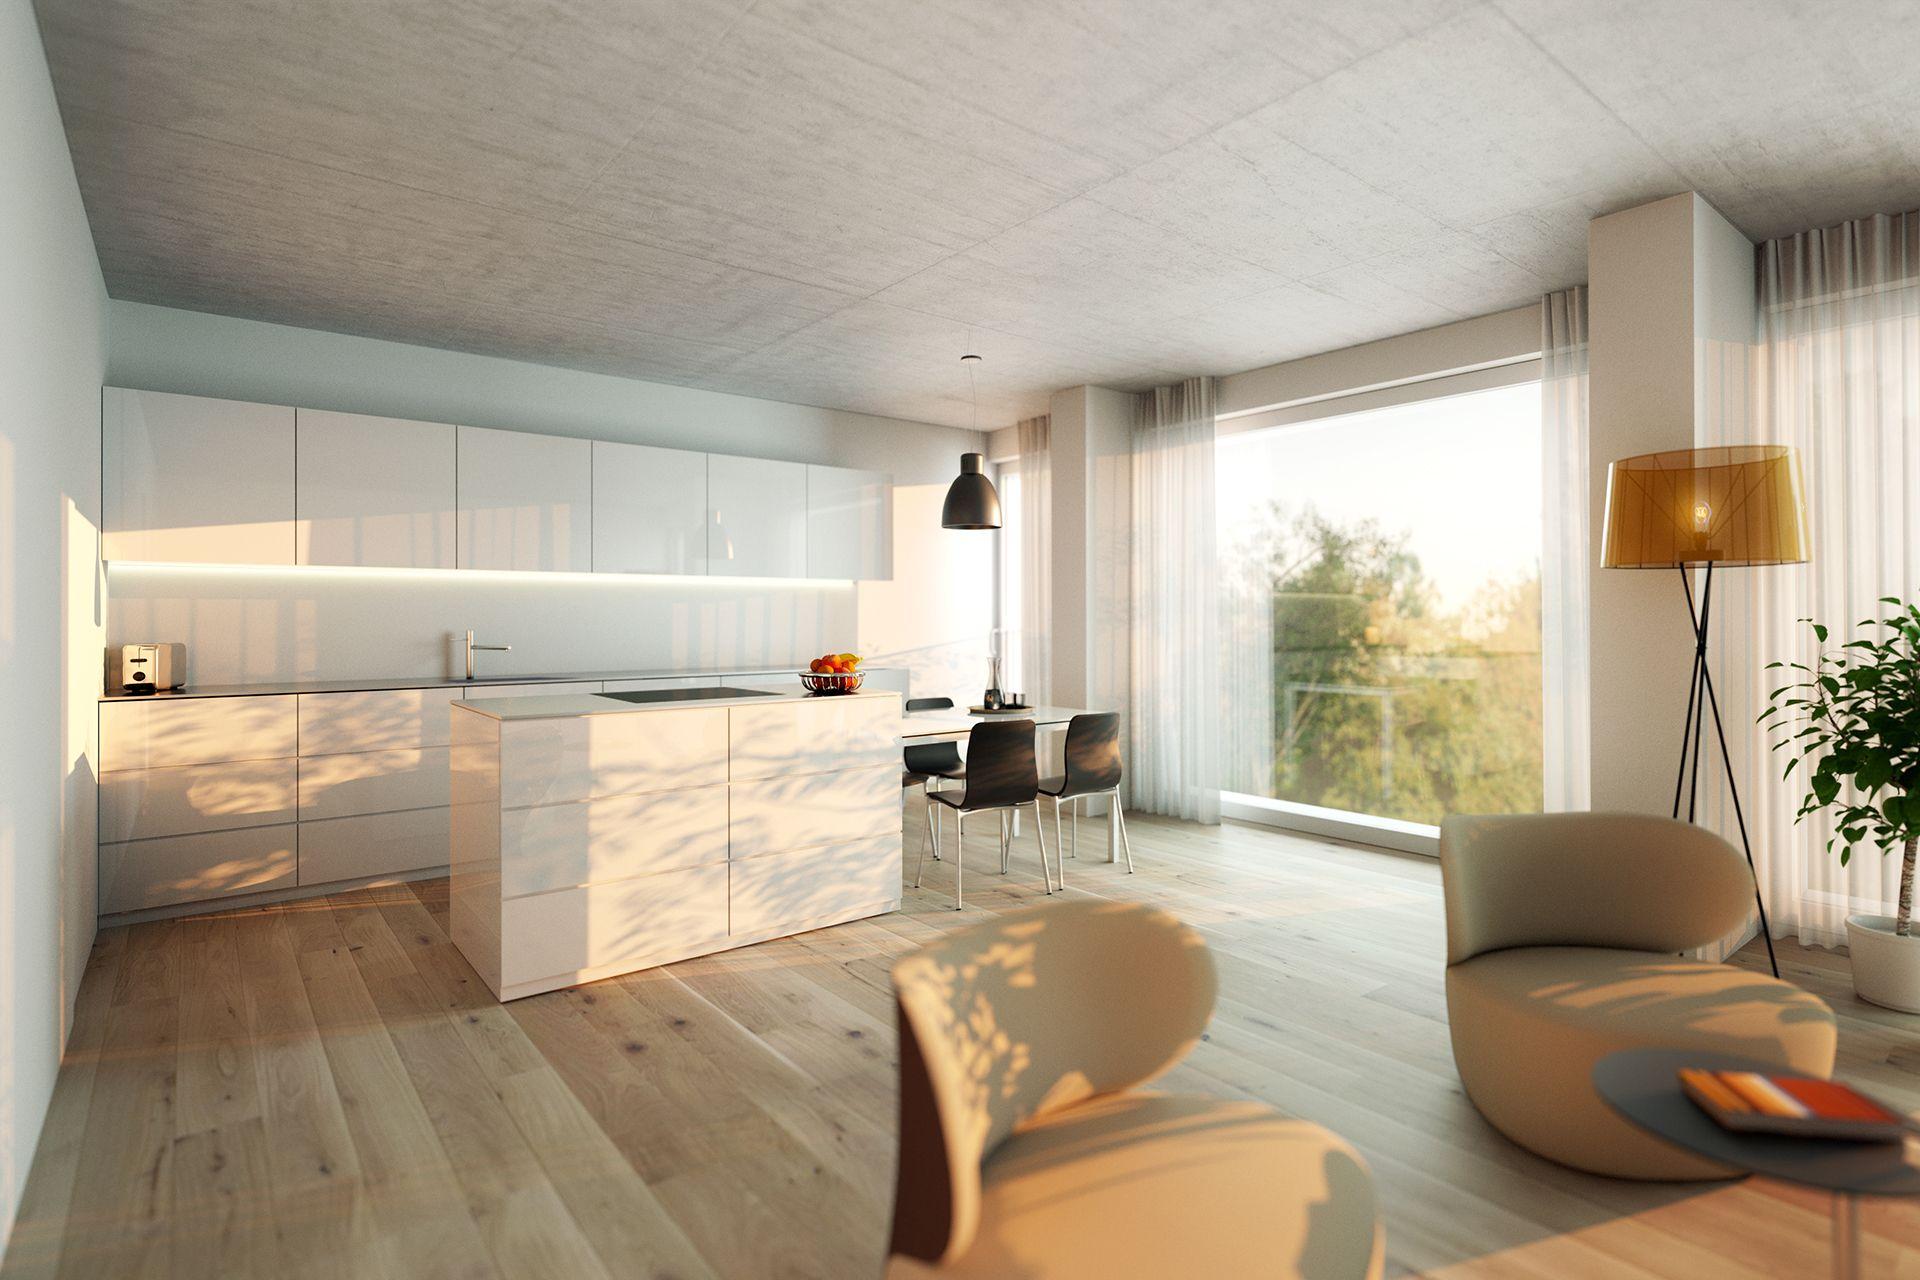 Interiorvisualisierung: Küche von Wohnung Kardinal-Nagl-Platz, Wien-Landstrasse